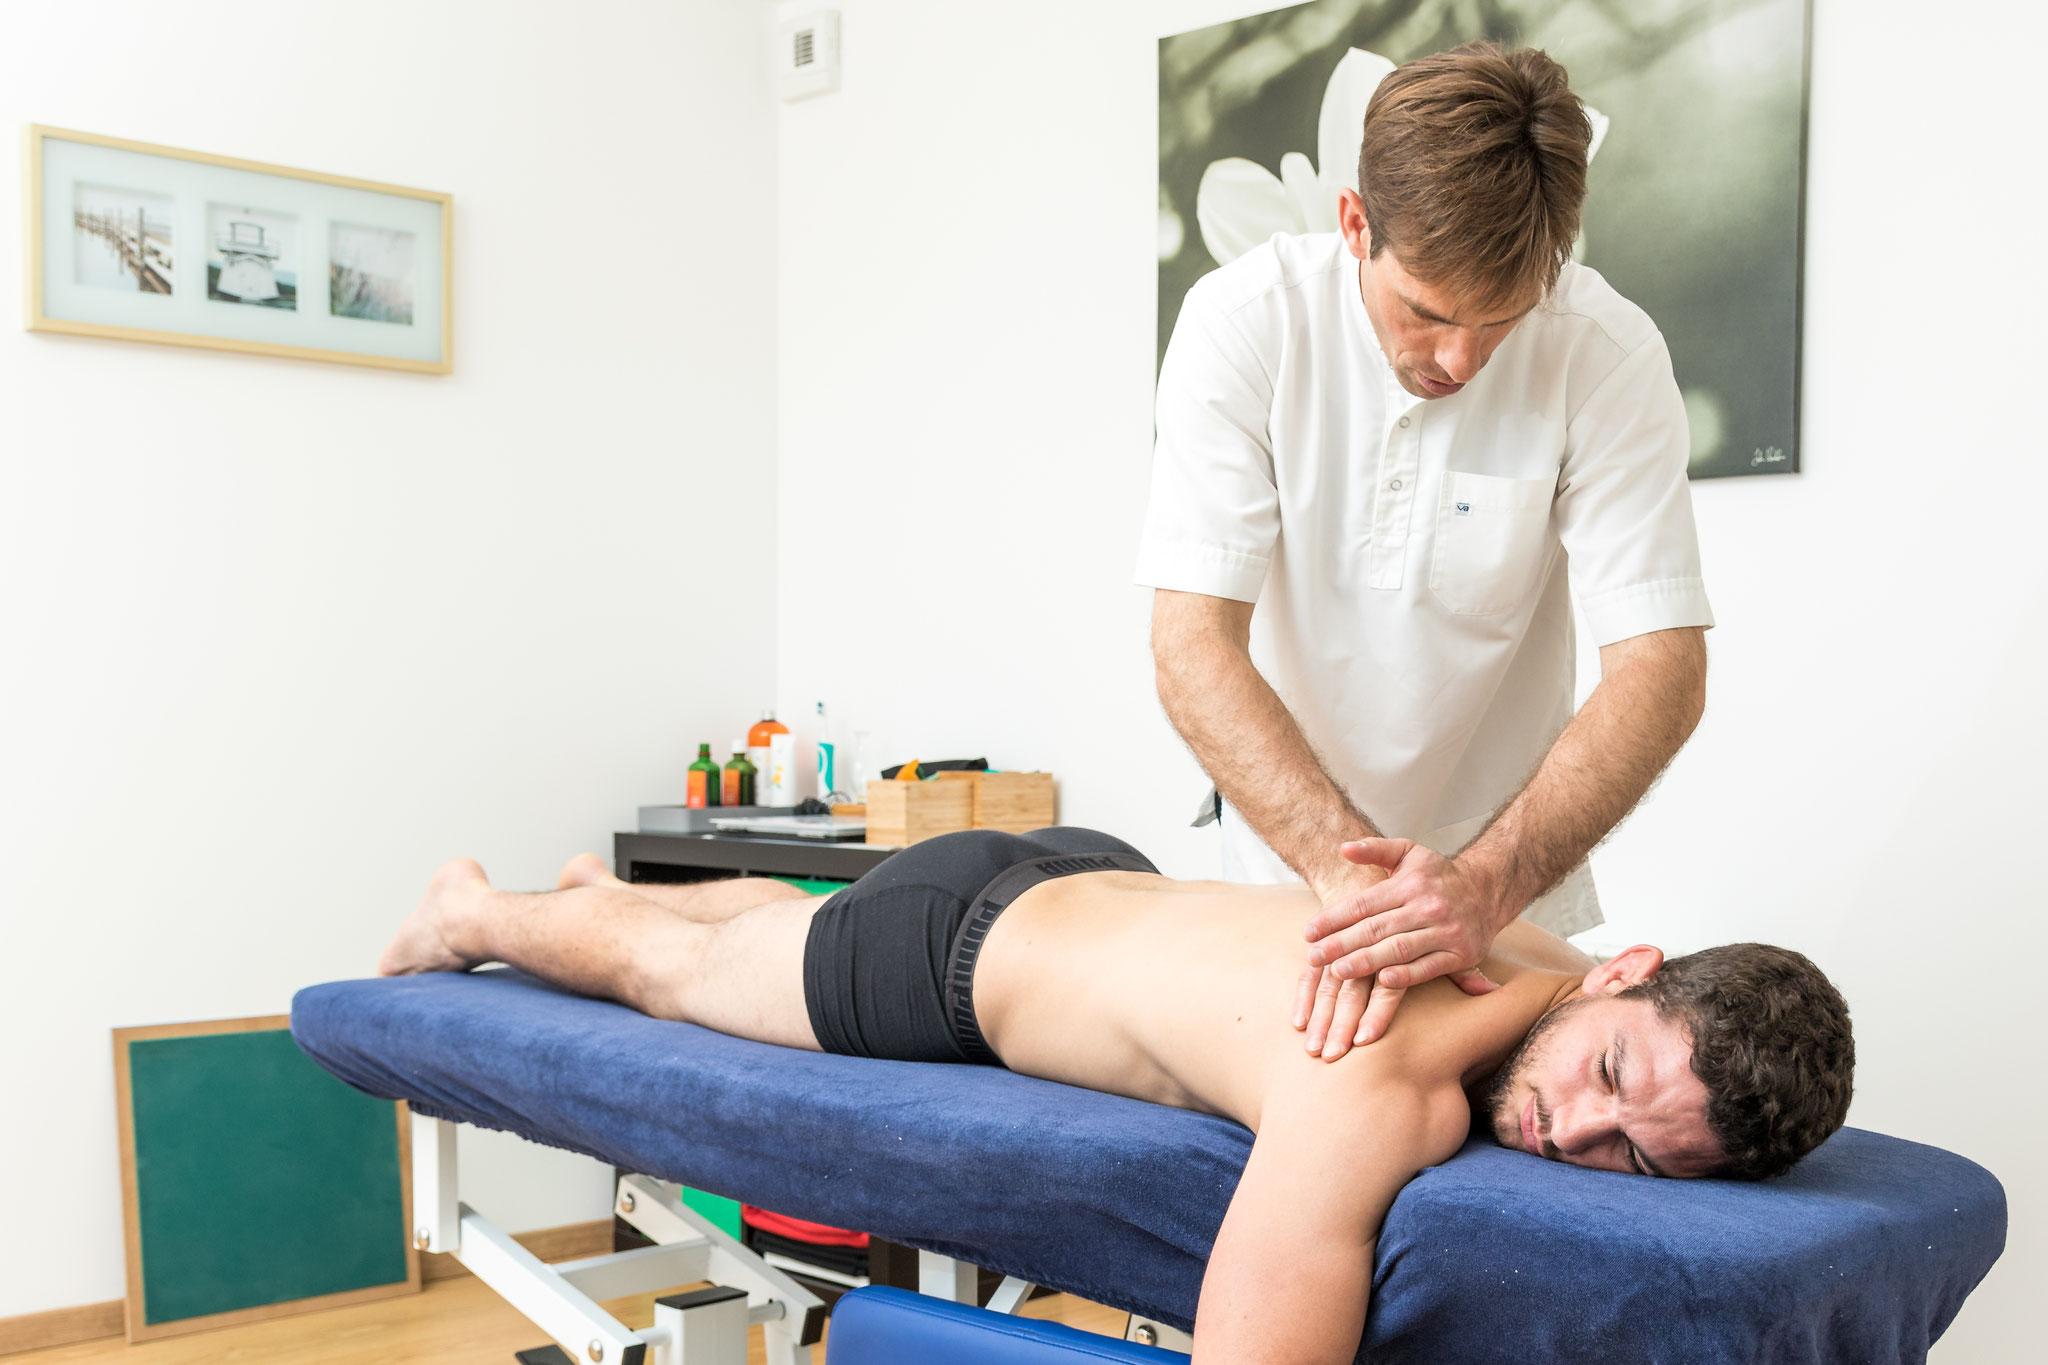 technique  d'étirement musculaire scapulaire